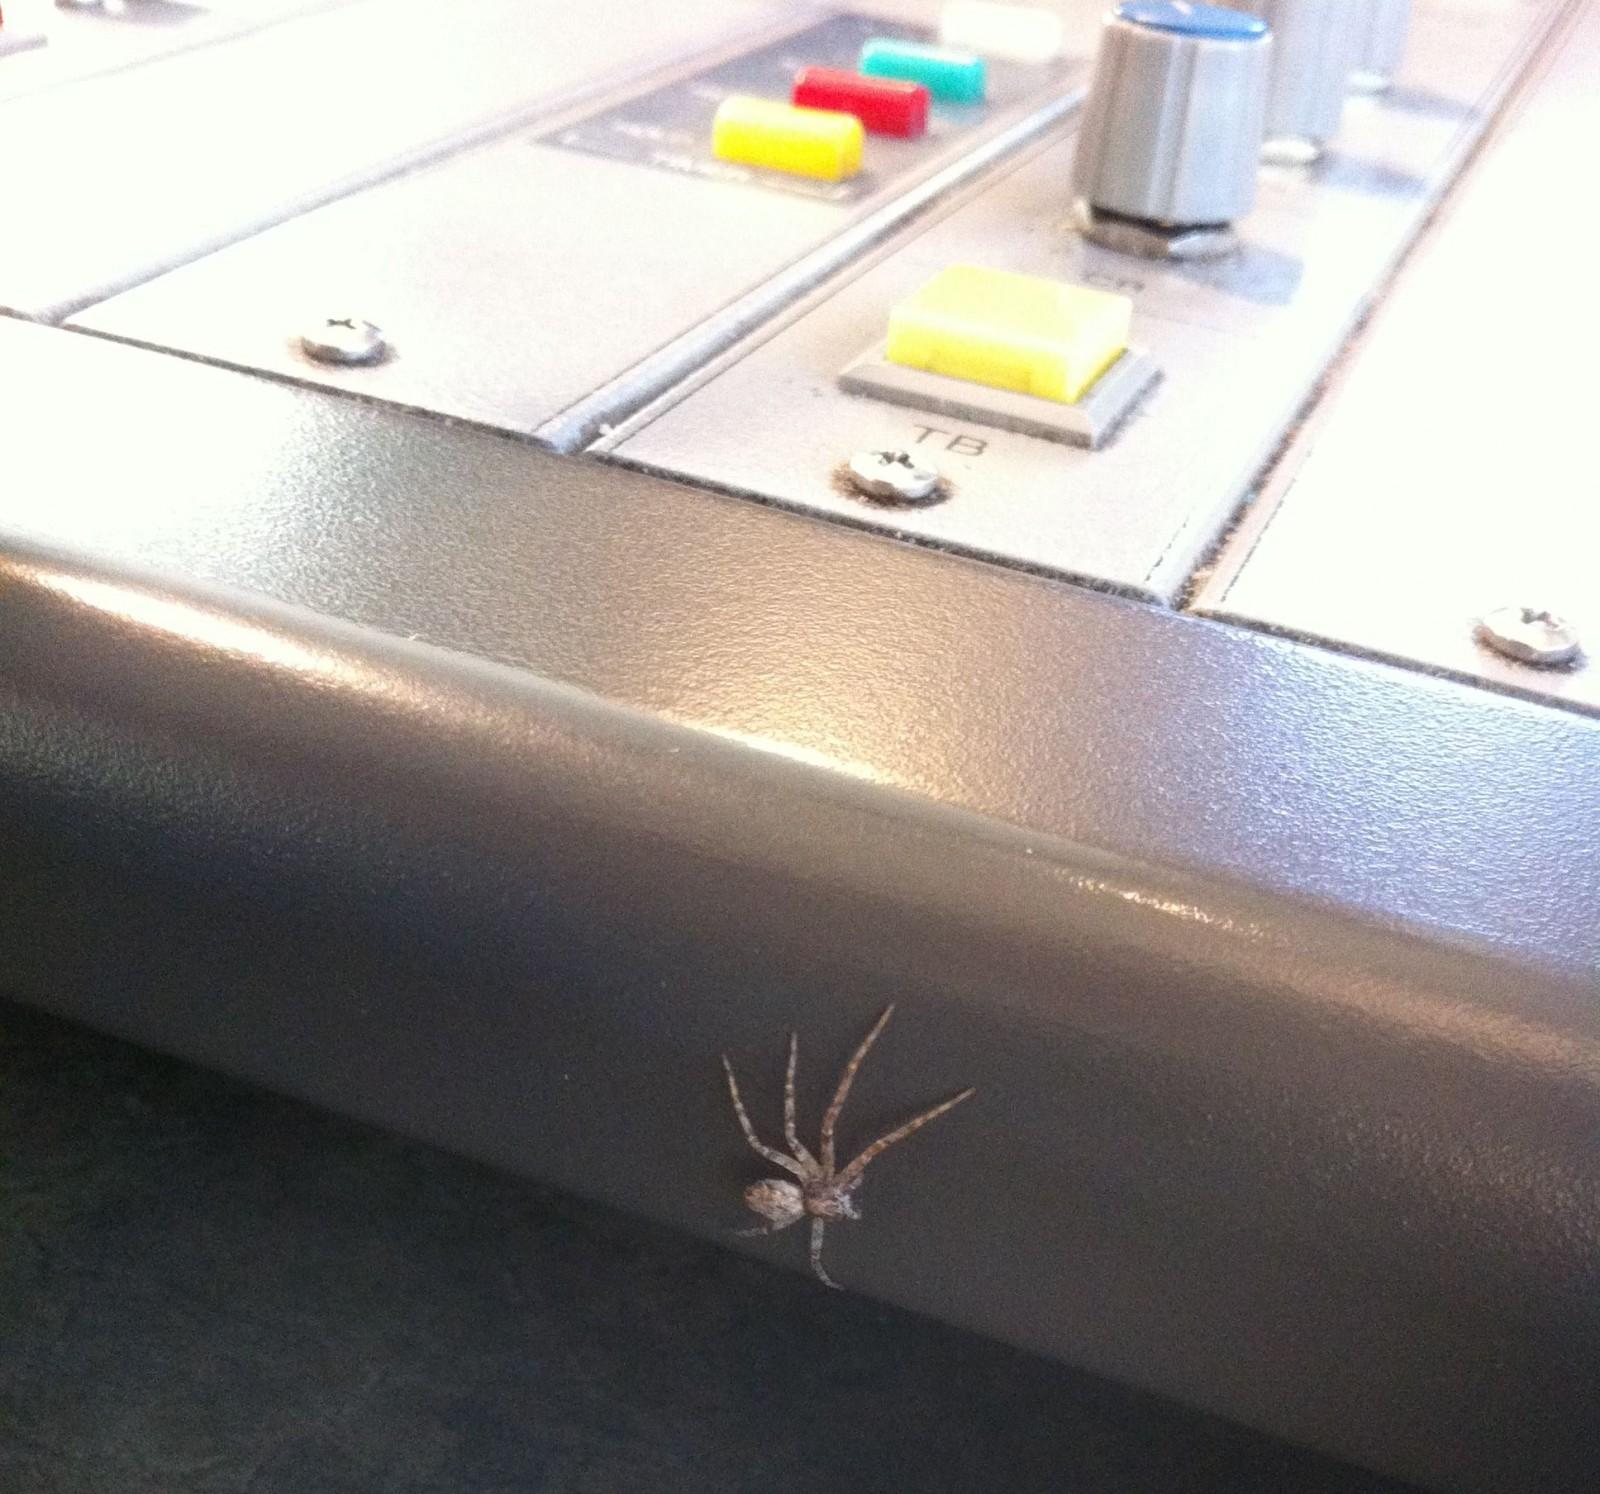 My Spider Friend